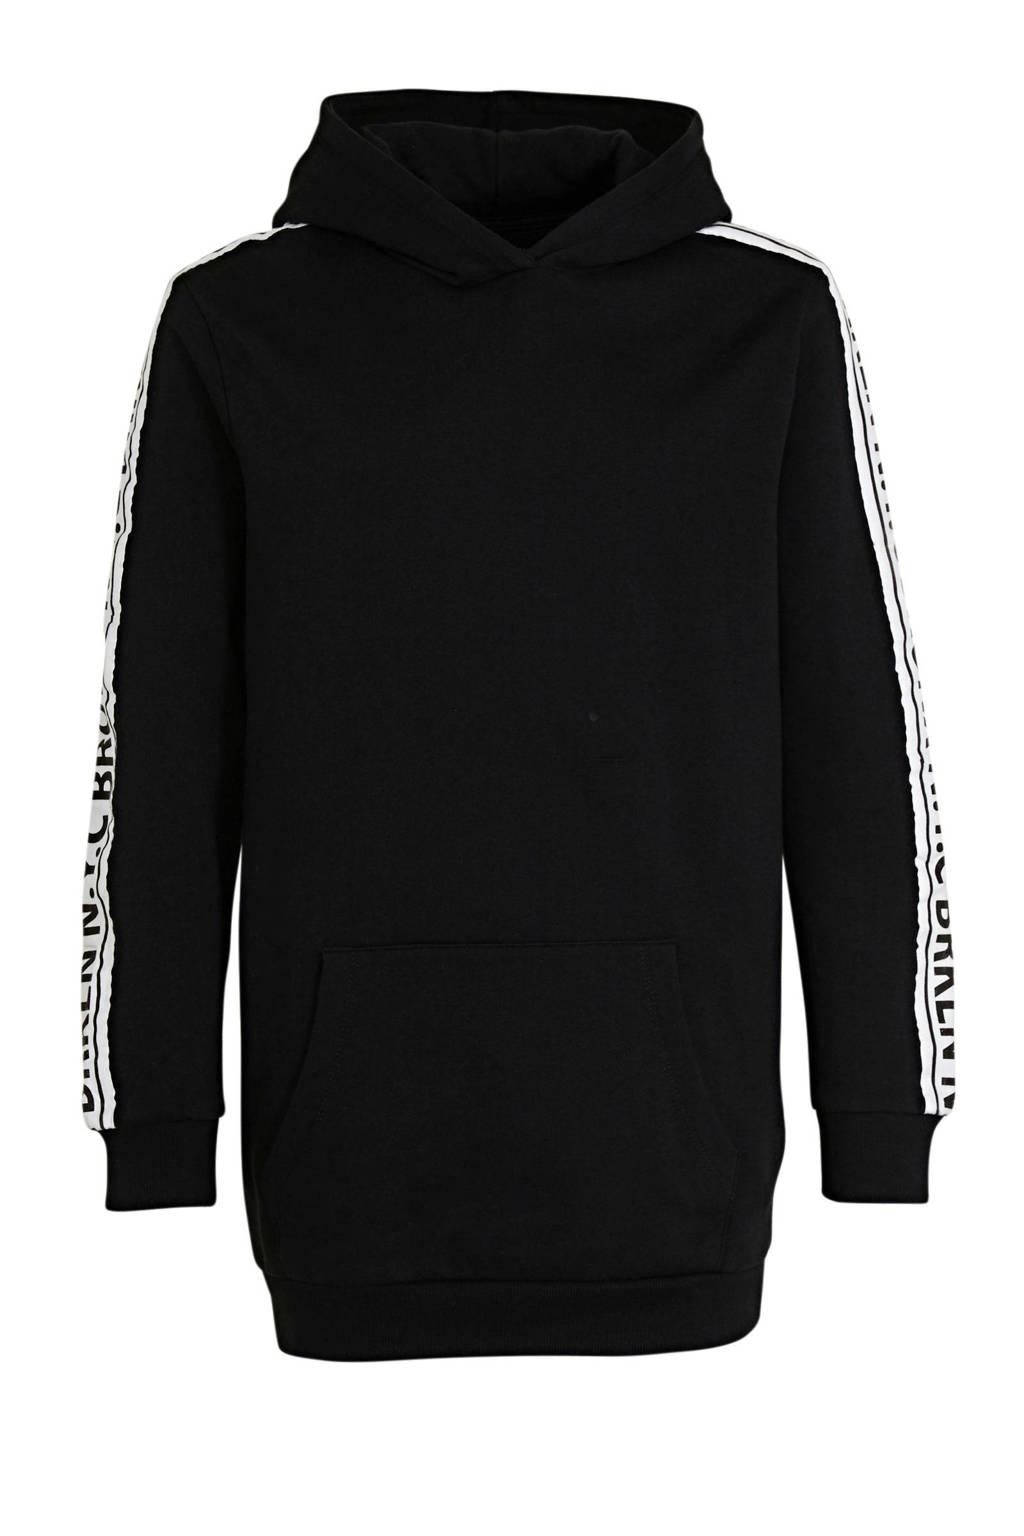 Ellos hoodie Katja met contrastbies zwart, Zwart